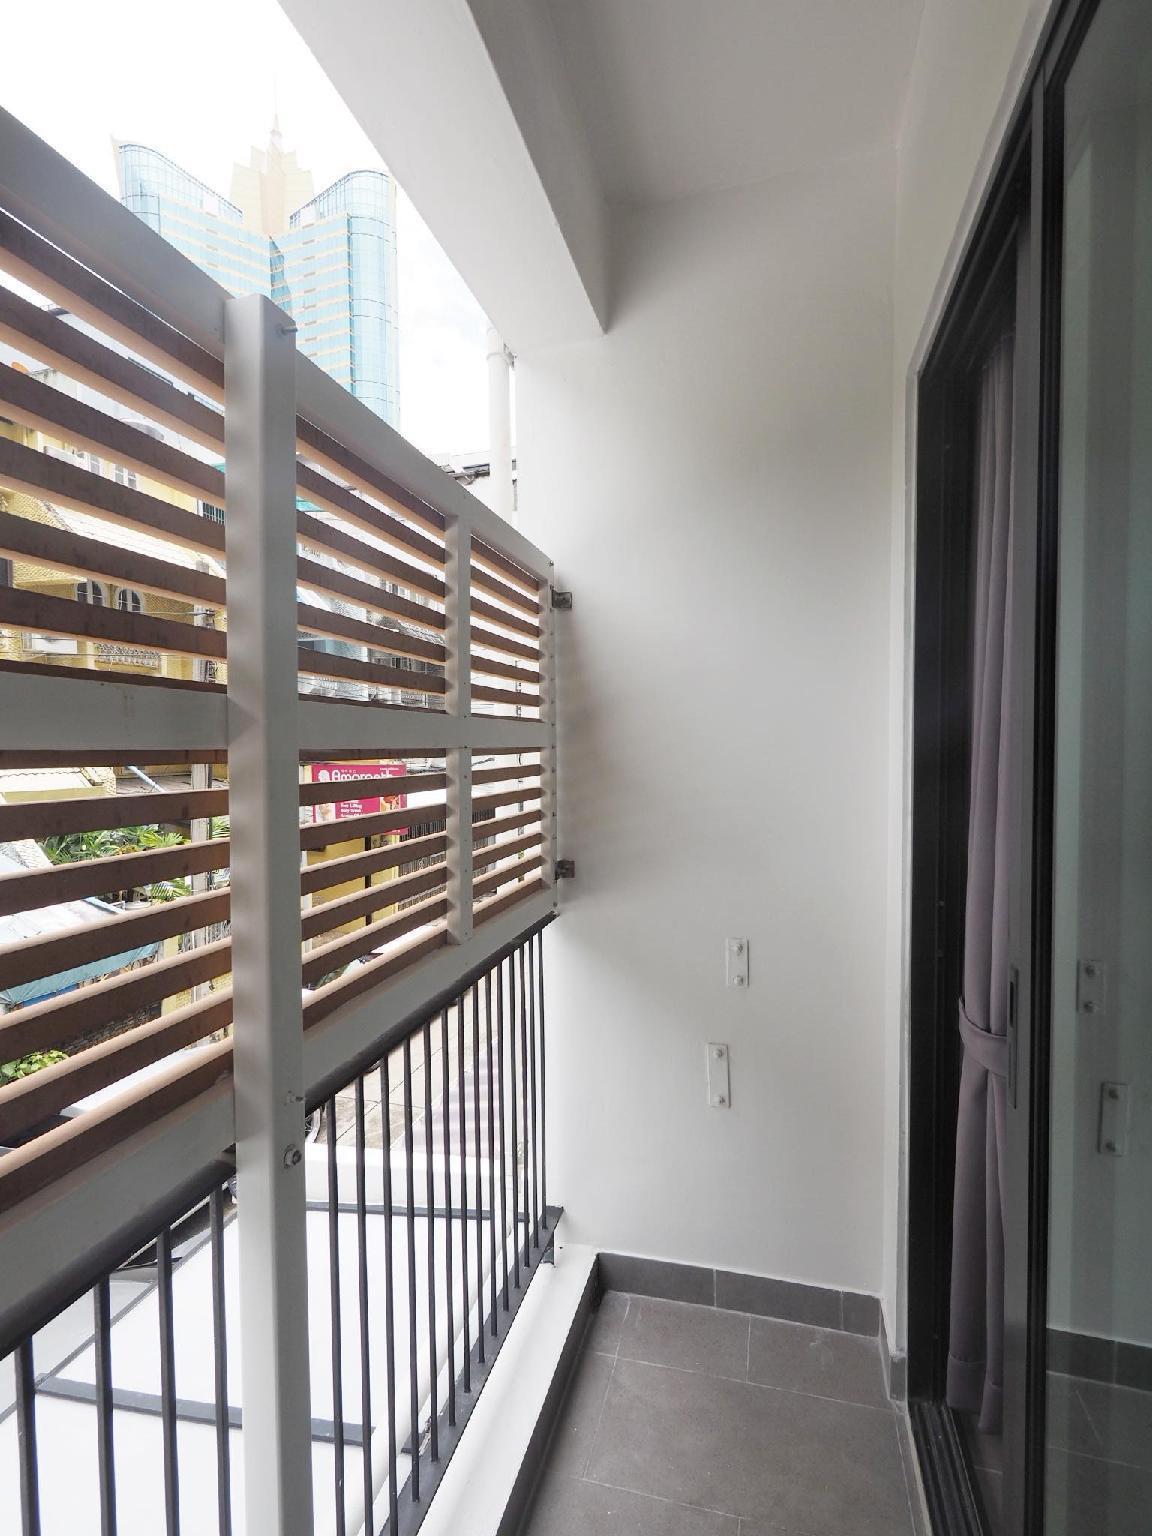 Sino 19 Apartment อพาร์ตเมนต์ 1 ห้องนอน 1 ห้องน้ำส่วนตัว ขนาด 40 ตร.ม. – สุขุมวิท